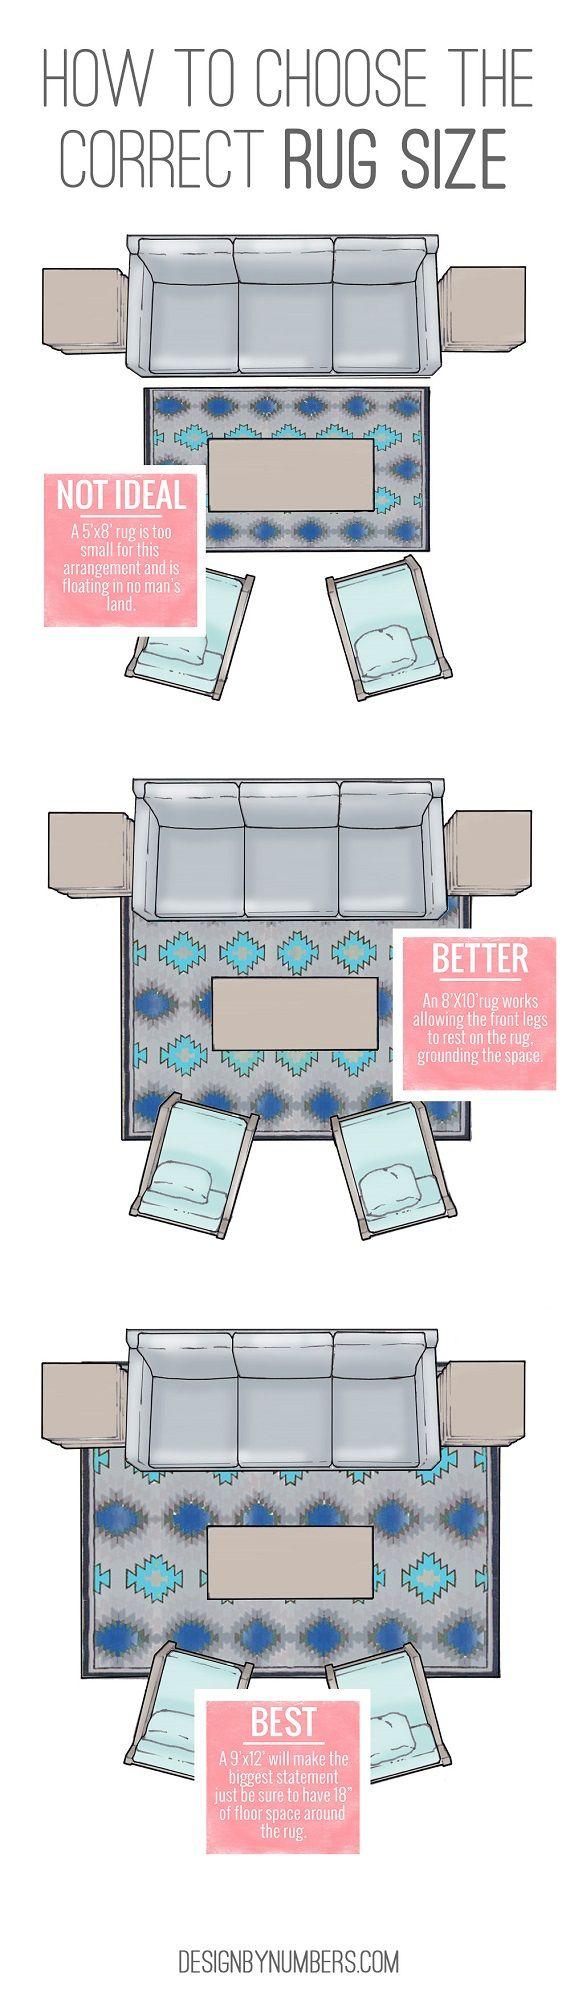 rug sizes // decorating tips